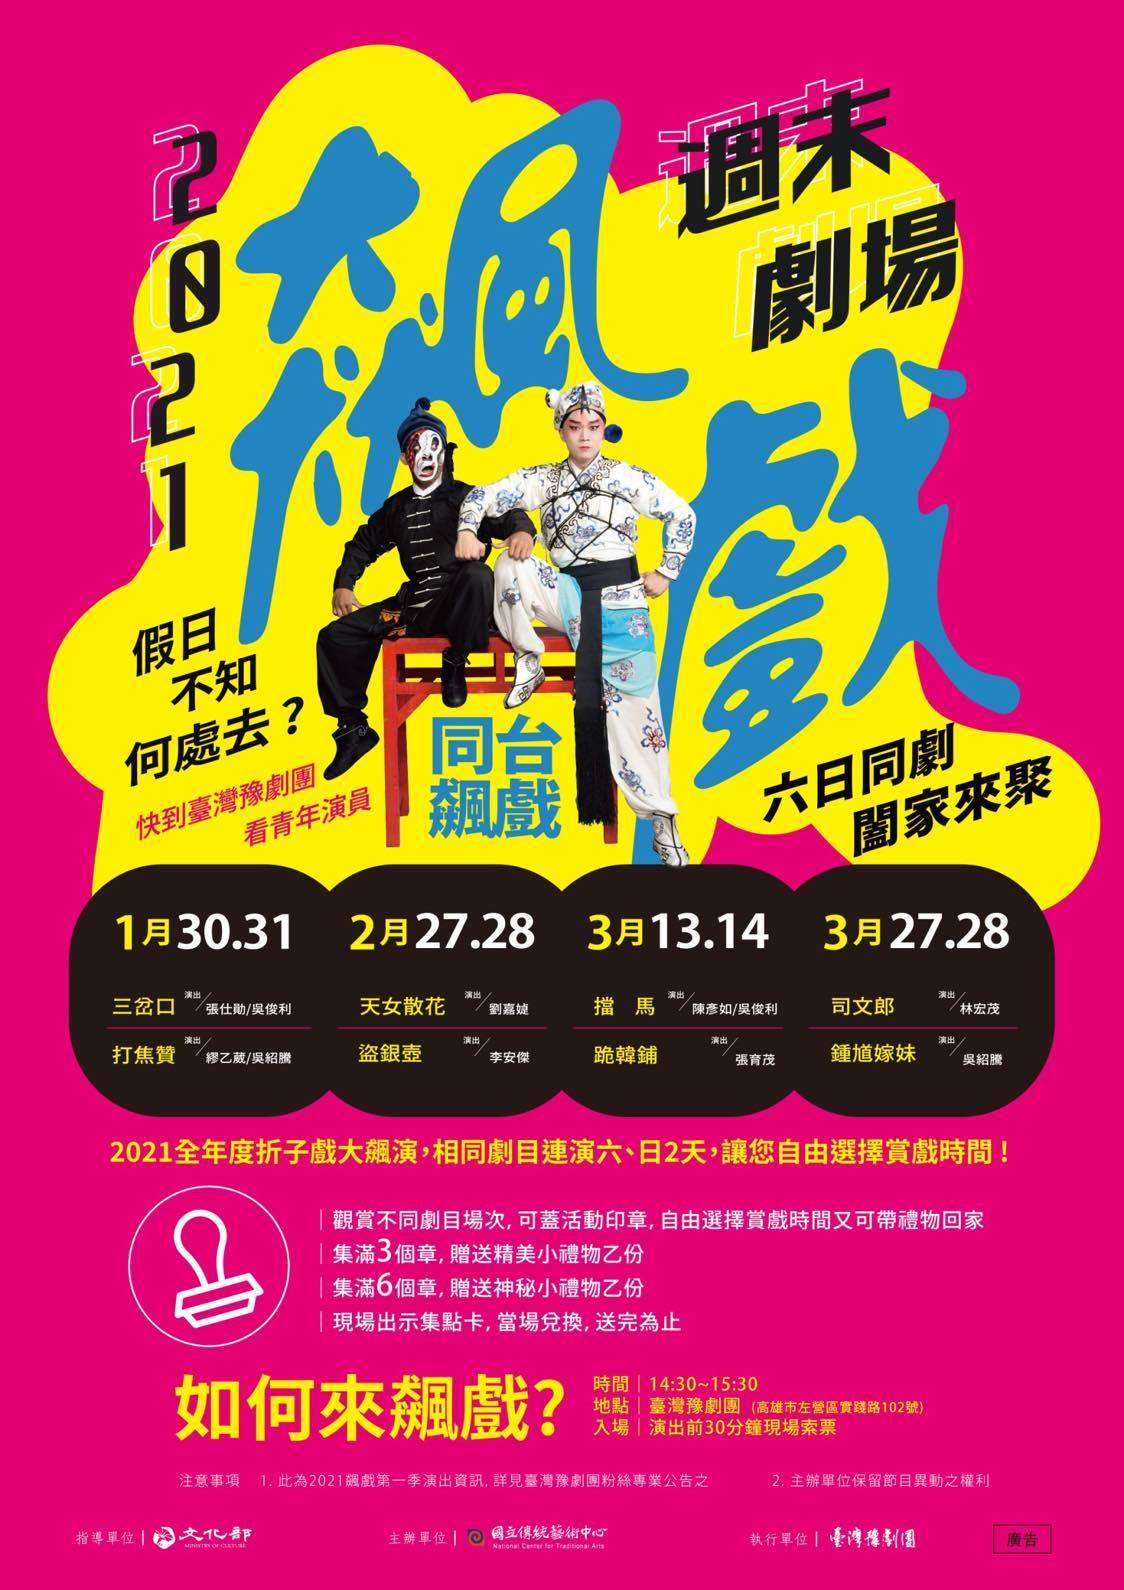 2021飆·戲-周末劇場(第一季)